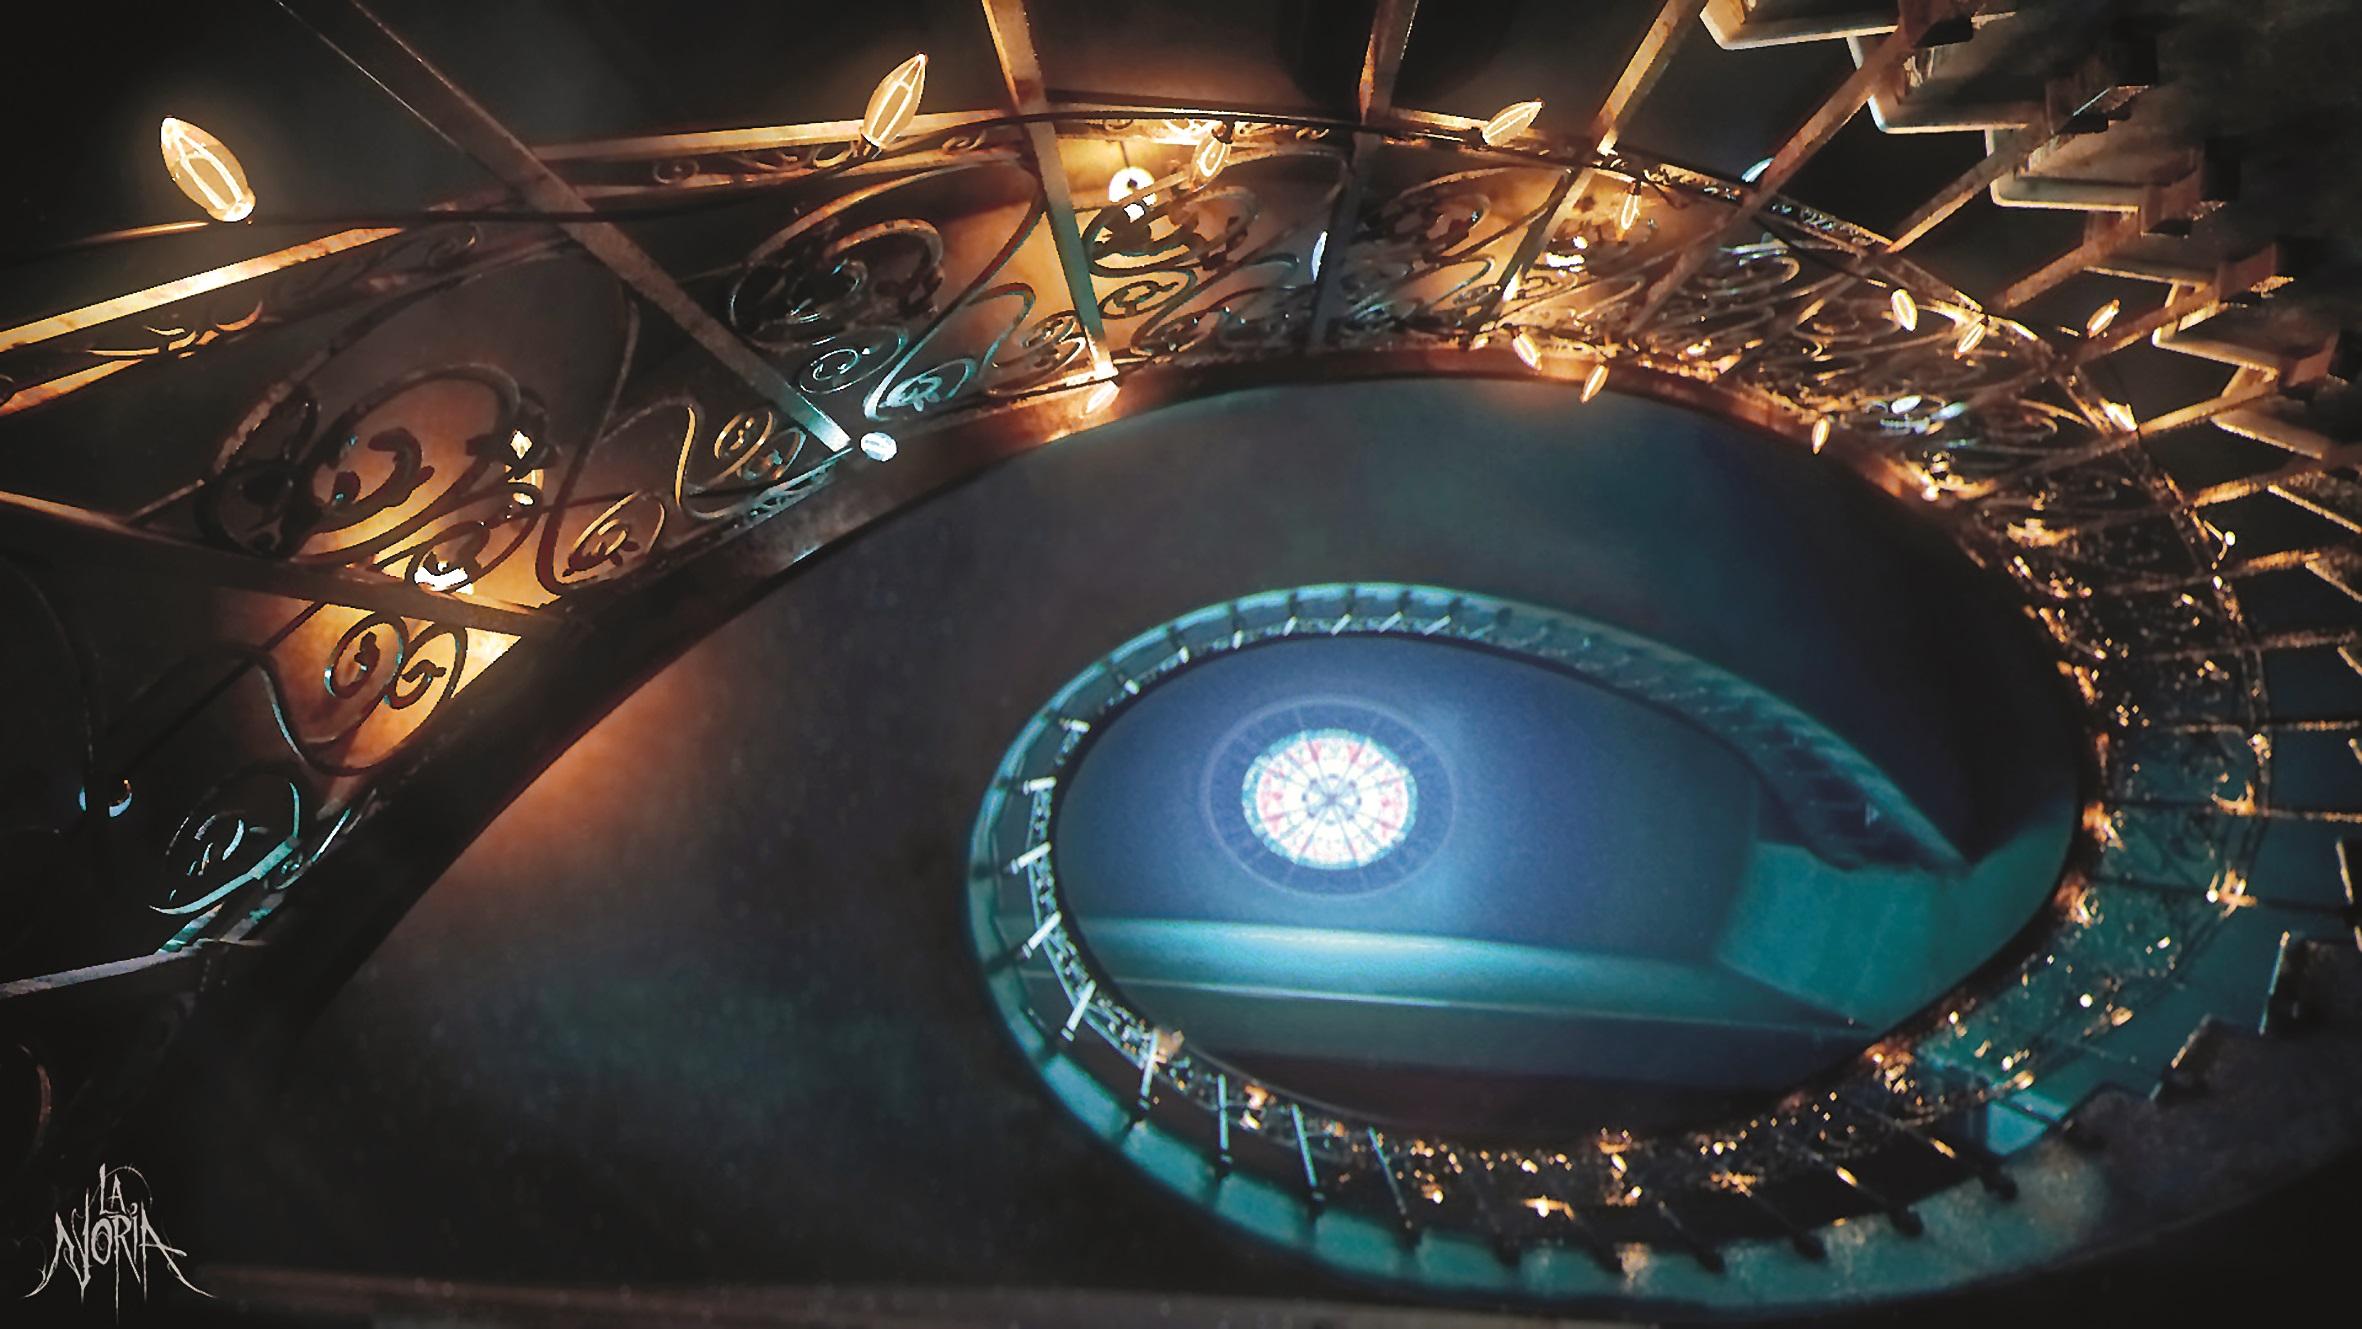 Für das Lighting kamen Key- und Falling-off-Lights sowie eine lokale Beleuchtung zum Einsatz.